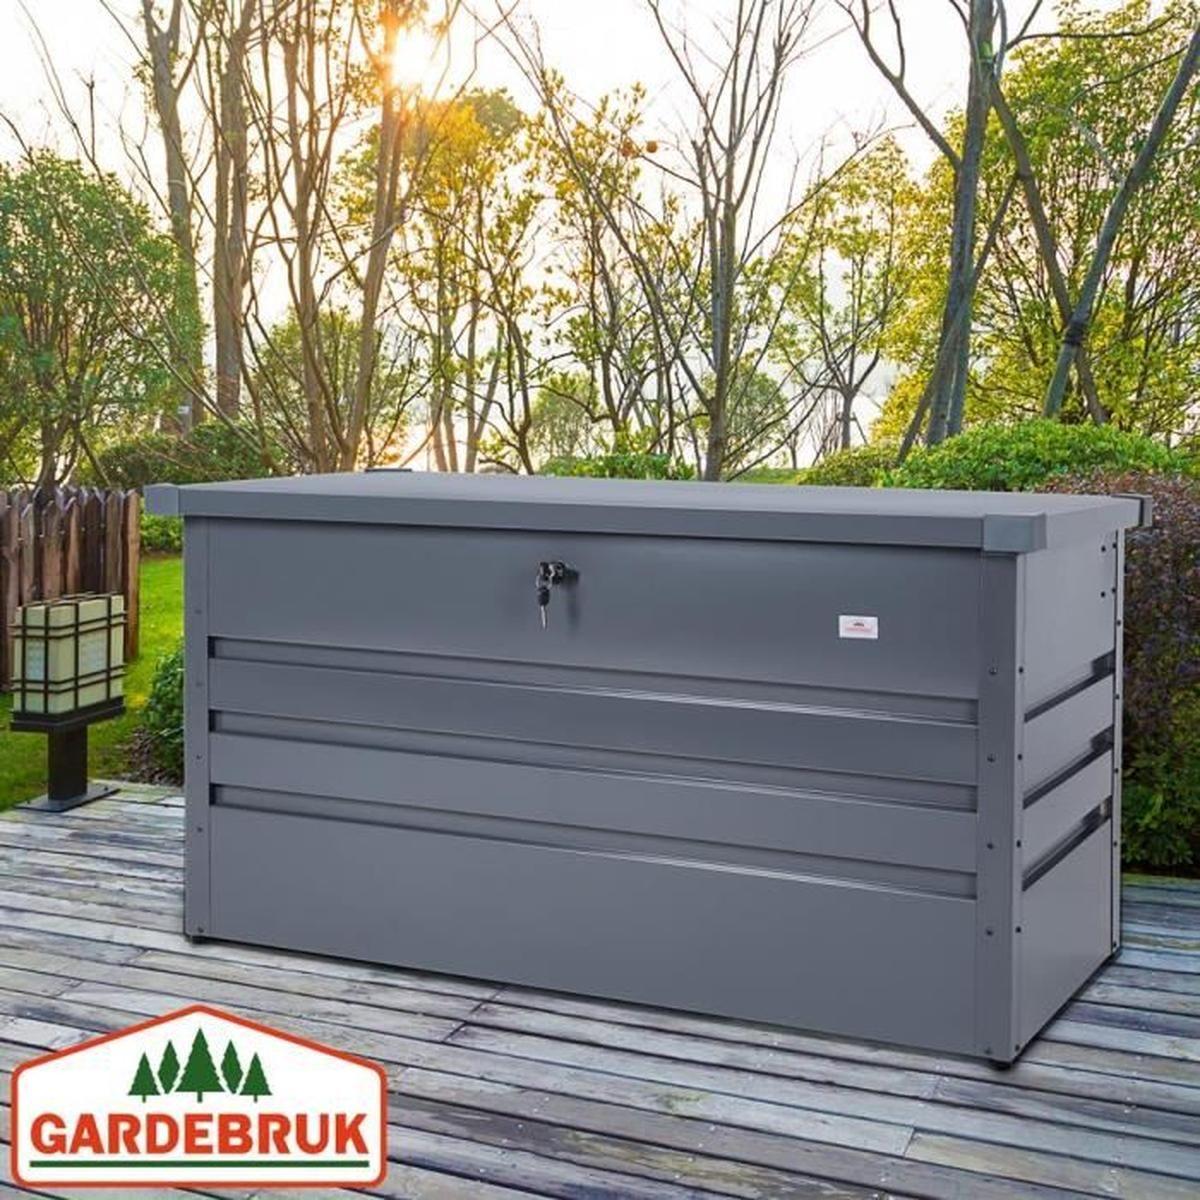 Gardebruk Coffre De Rangement 360 L Acier Anthracite 120X62X63Cm  Verrouillable Malle De Rangement Jardin Accessoires dedans Malle De Rangement Jardin